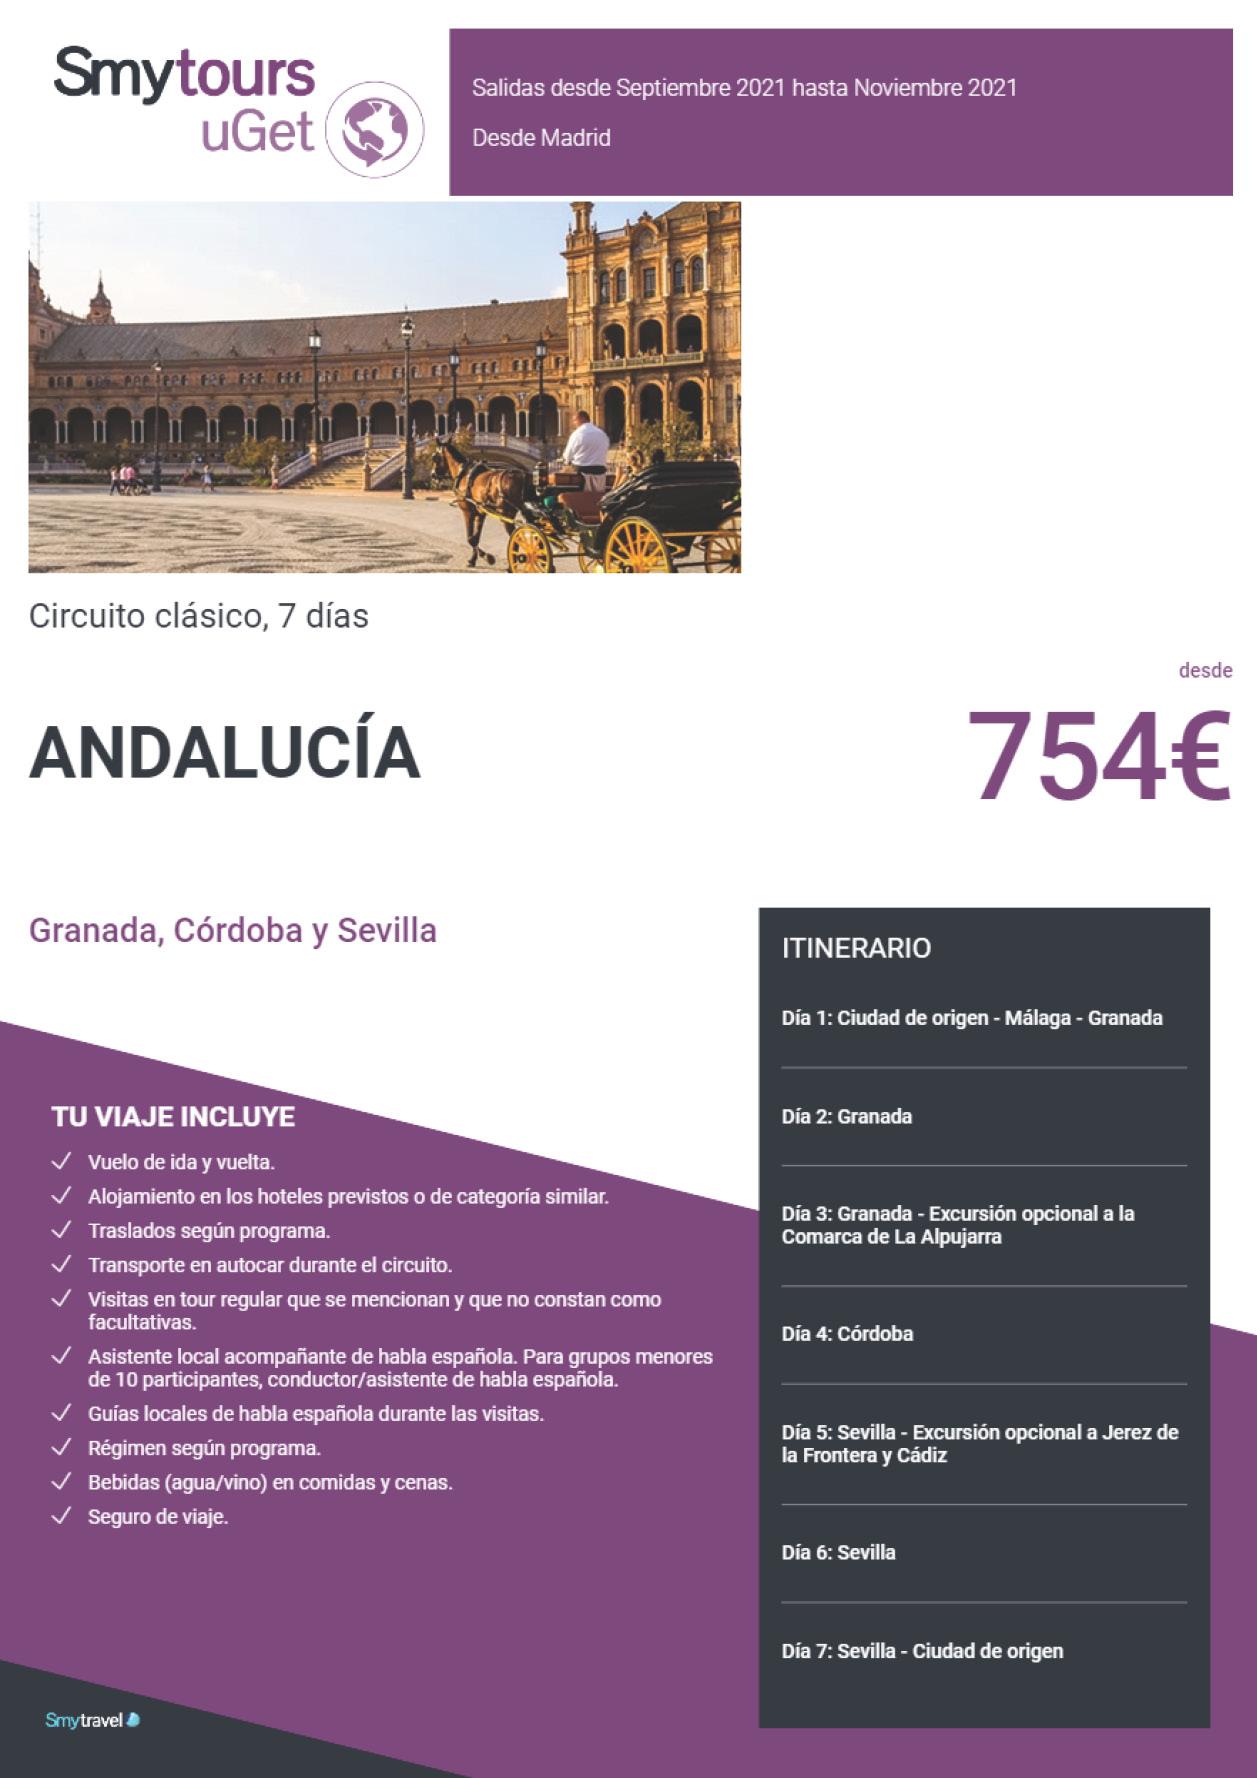 Oferta Smytravel Circuito Granada Cordoba y Sevilla 7 dias salidas Madrid desde 754 €